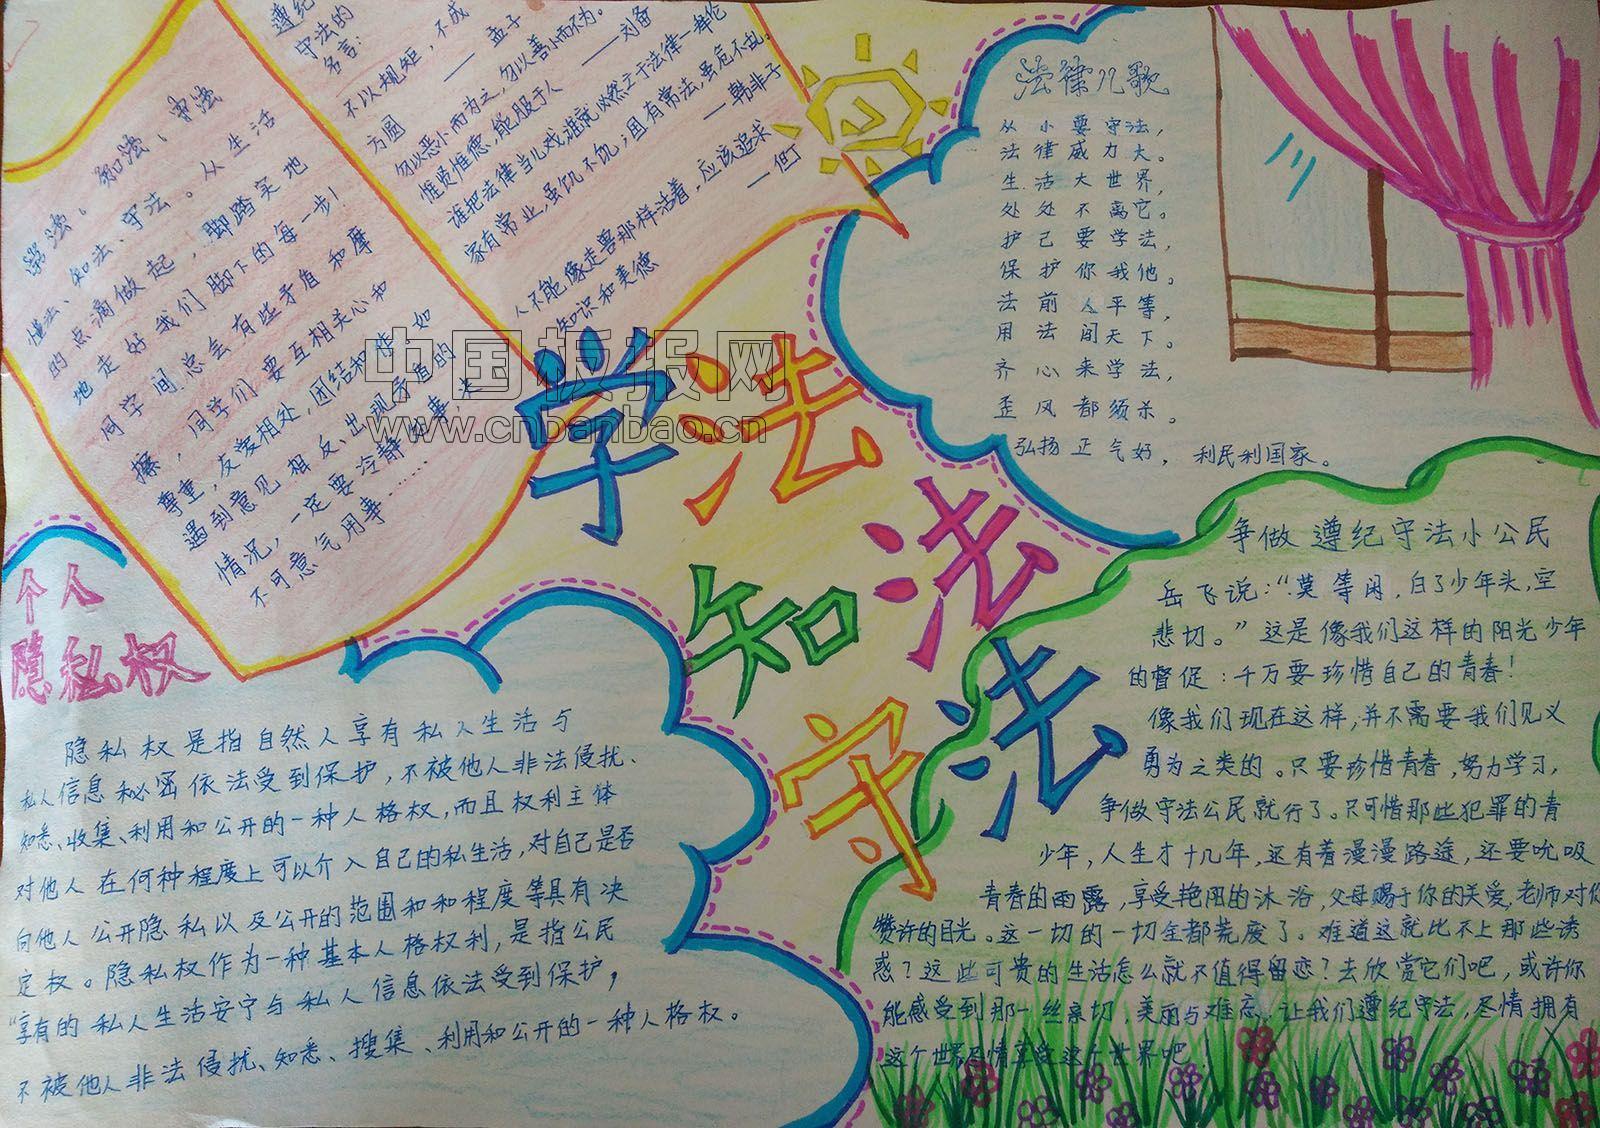 初中宪法日手抄报黑白式